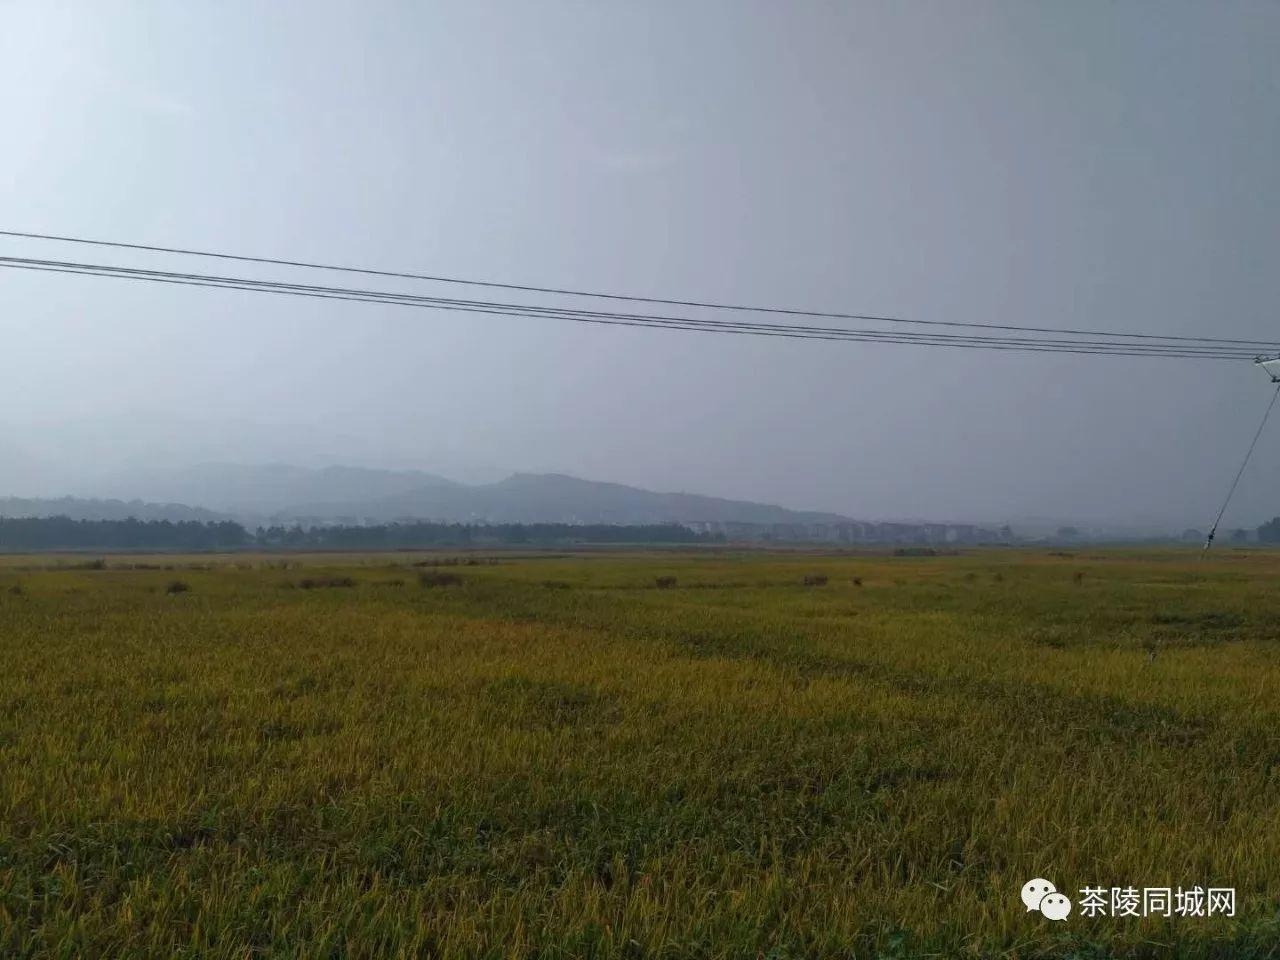 【茶陵农村原创】又临重阳